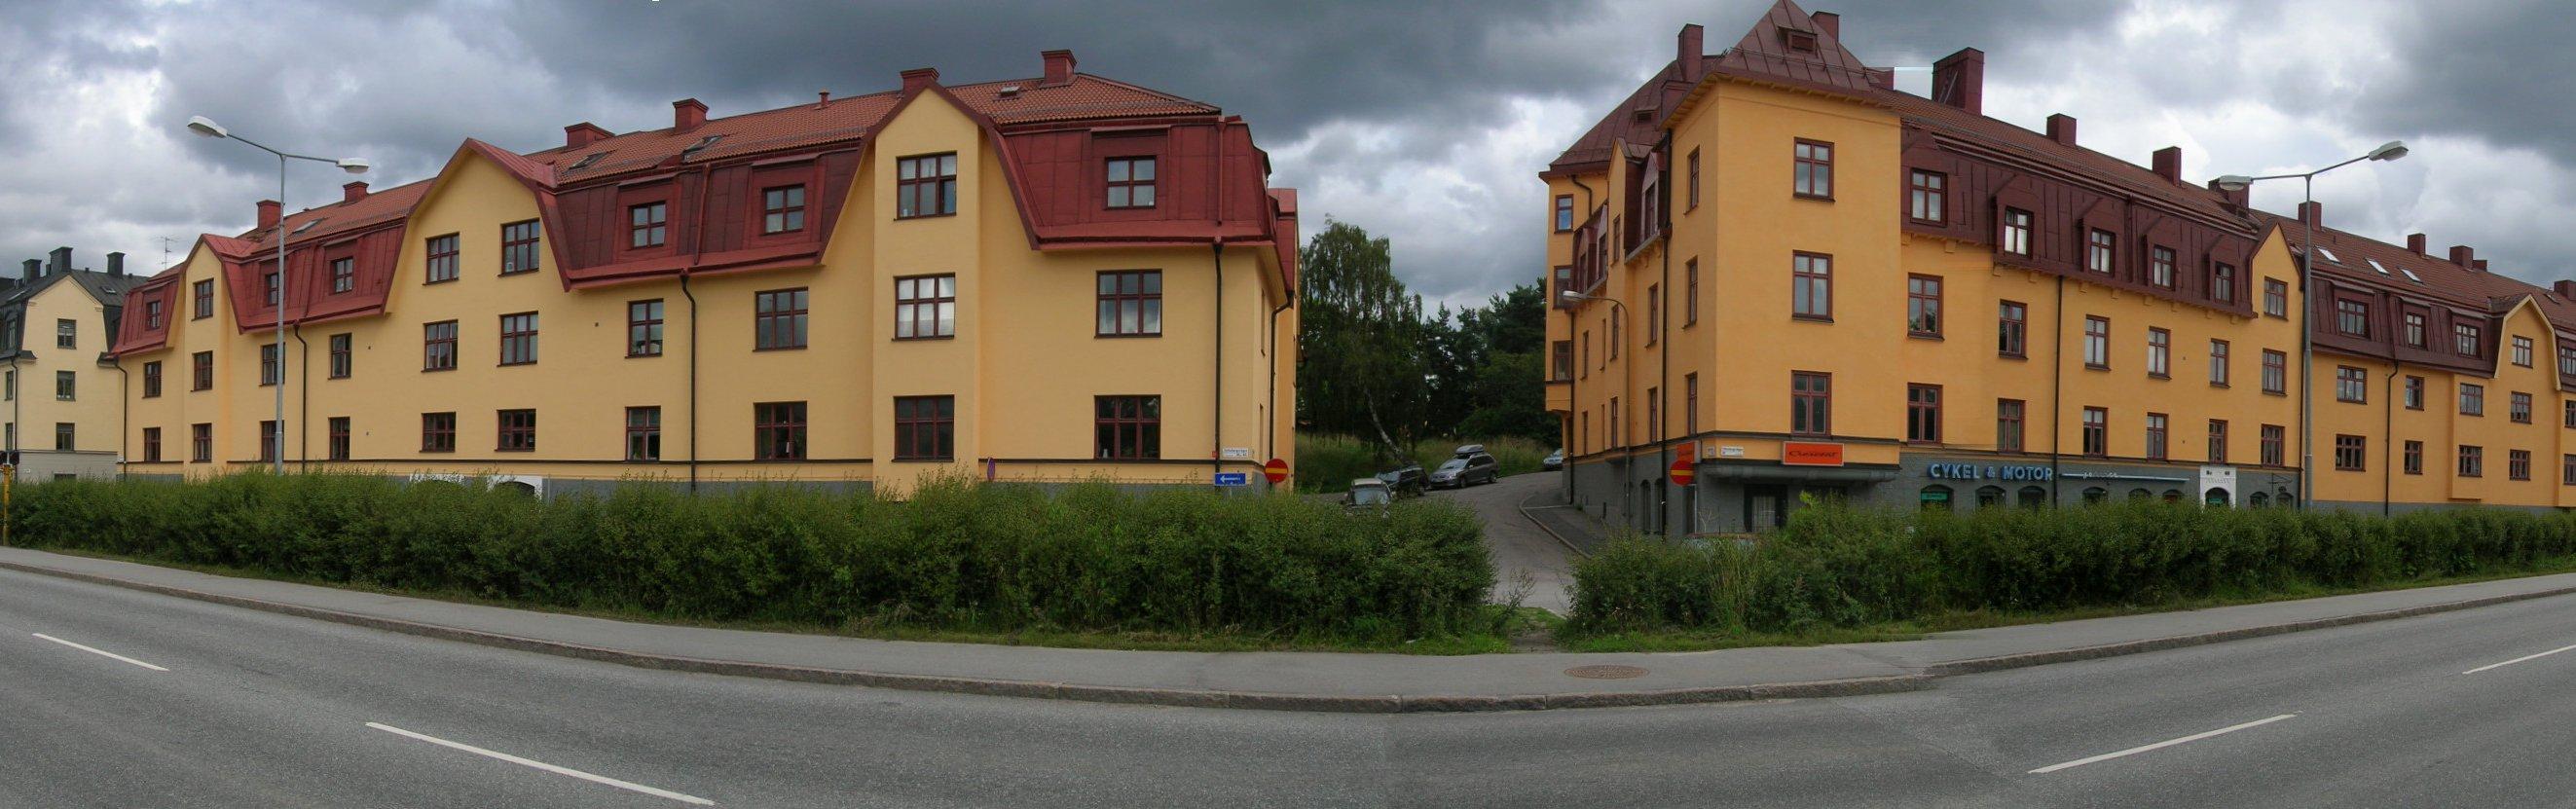 Resultado de imagem para Tellusborgsvägen